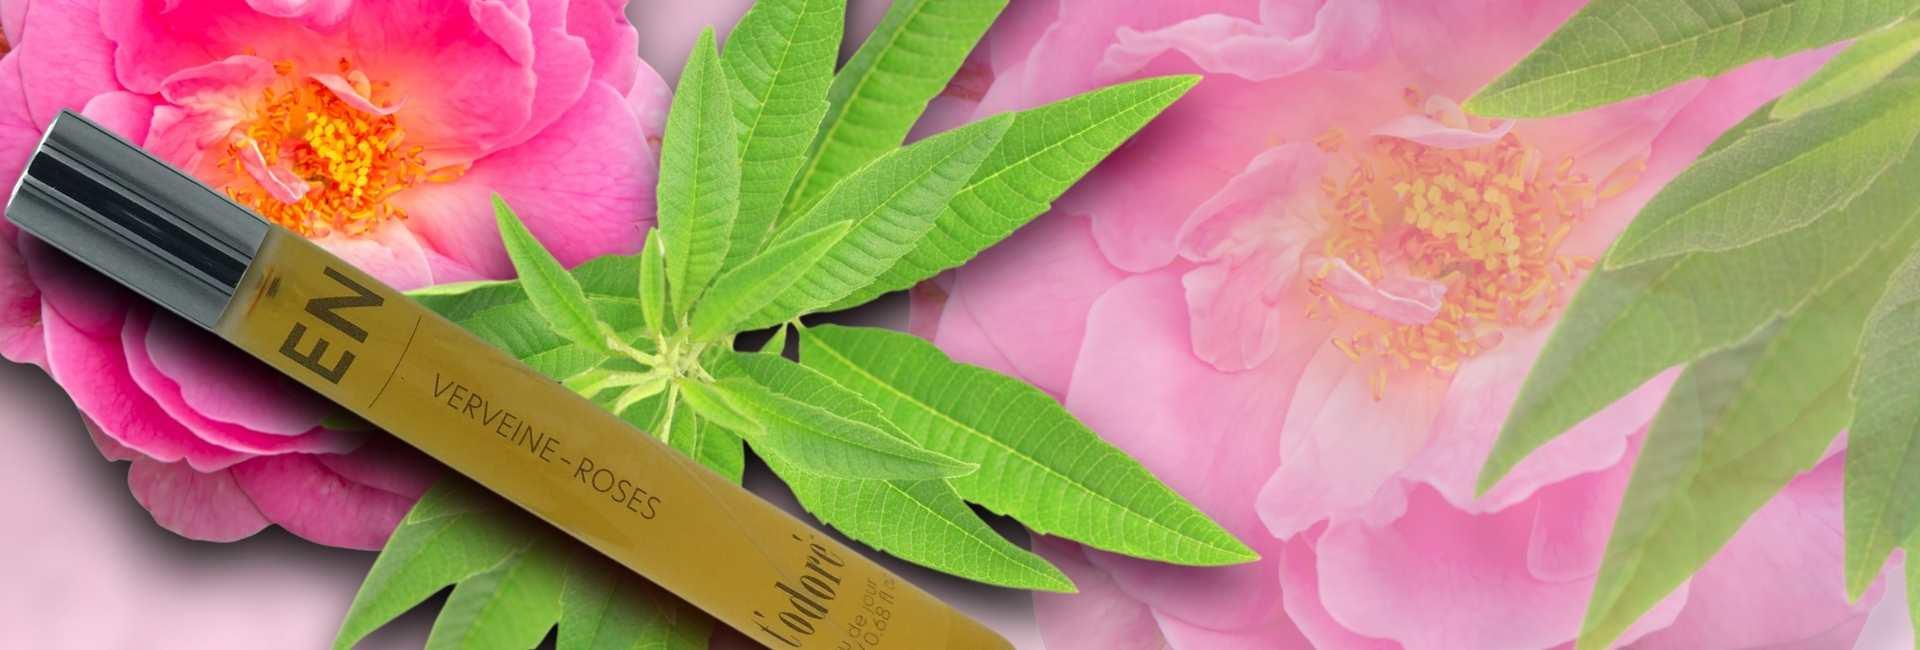 Verveine Roses T'Odoré Functional Perfume